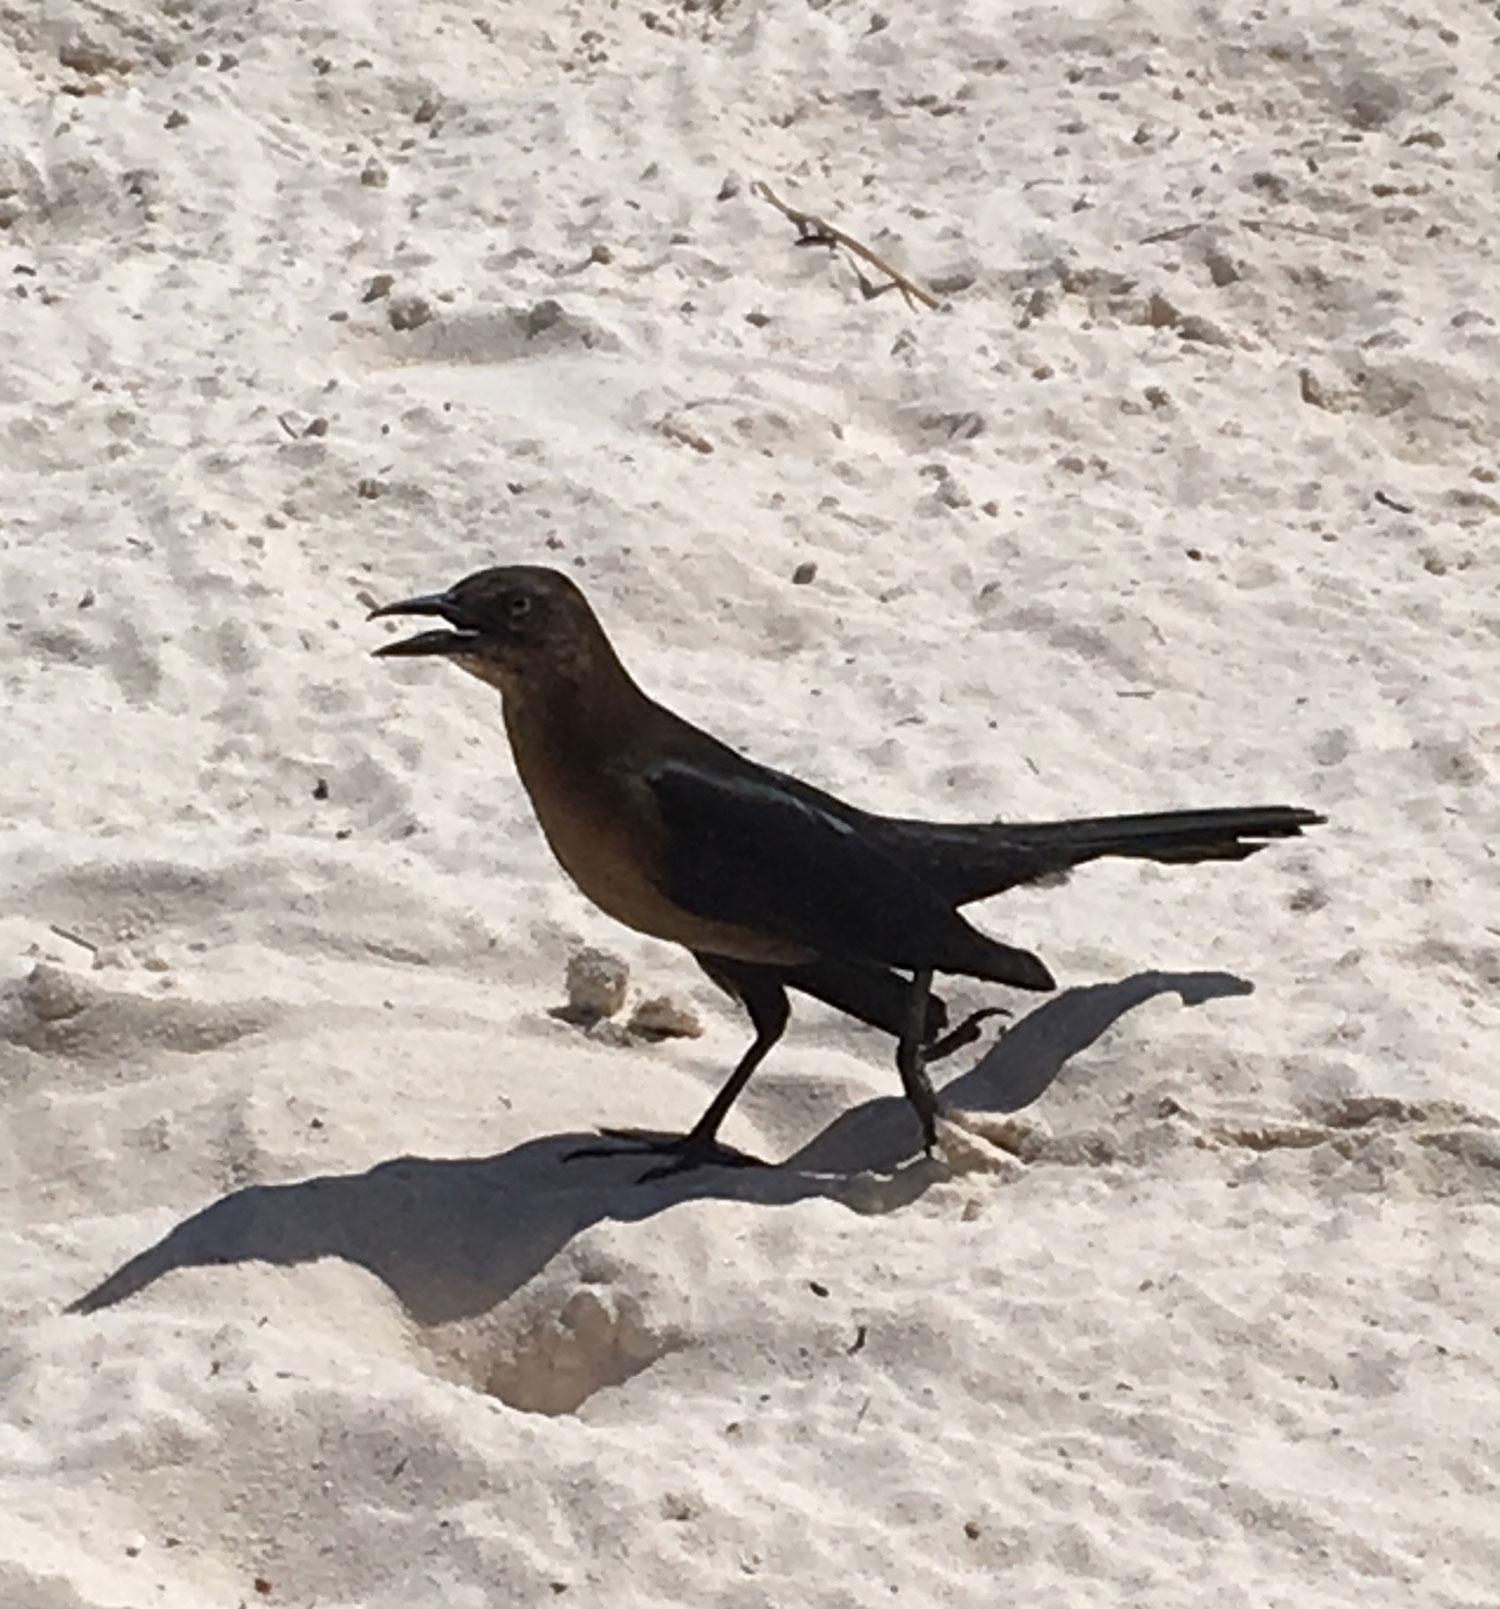 Grackle on the beach.